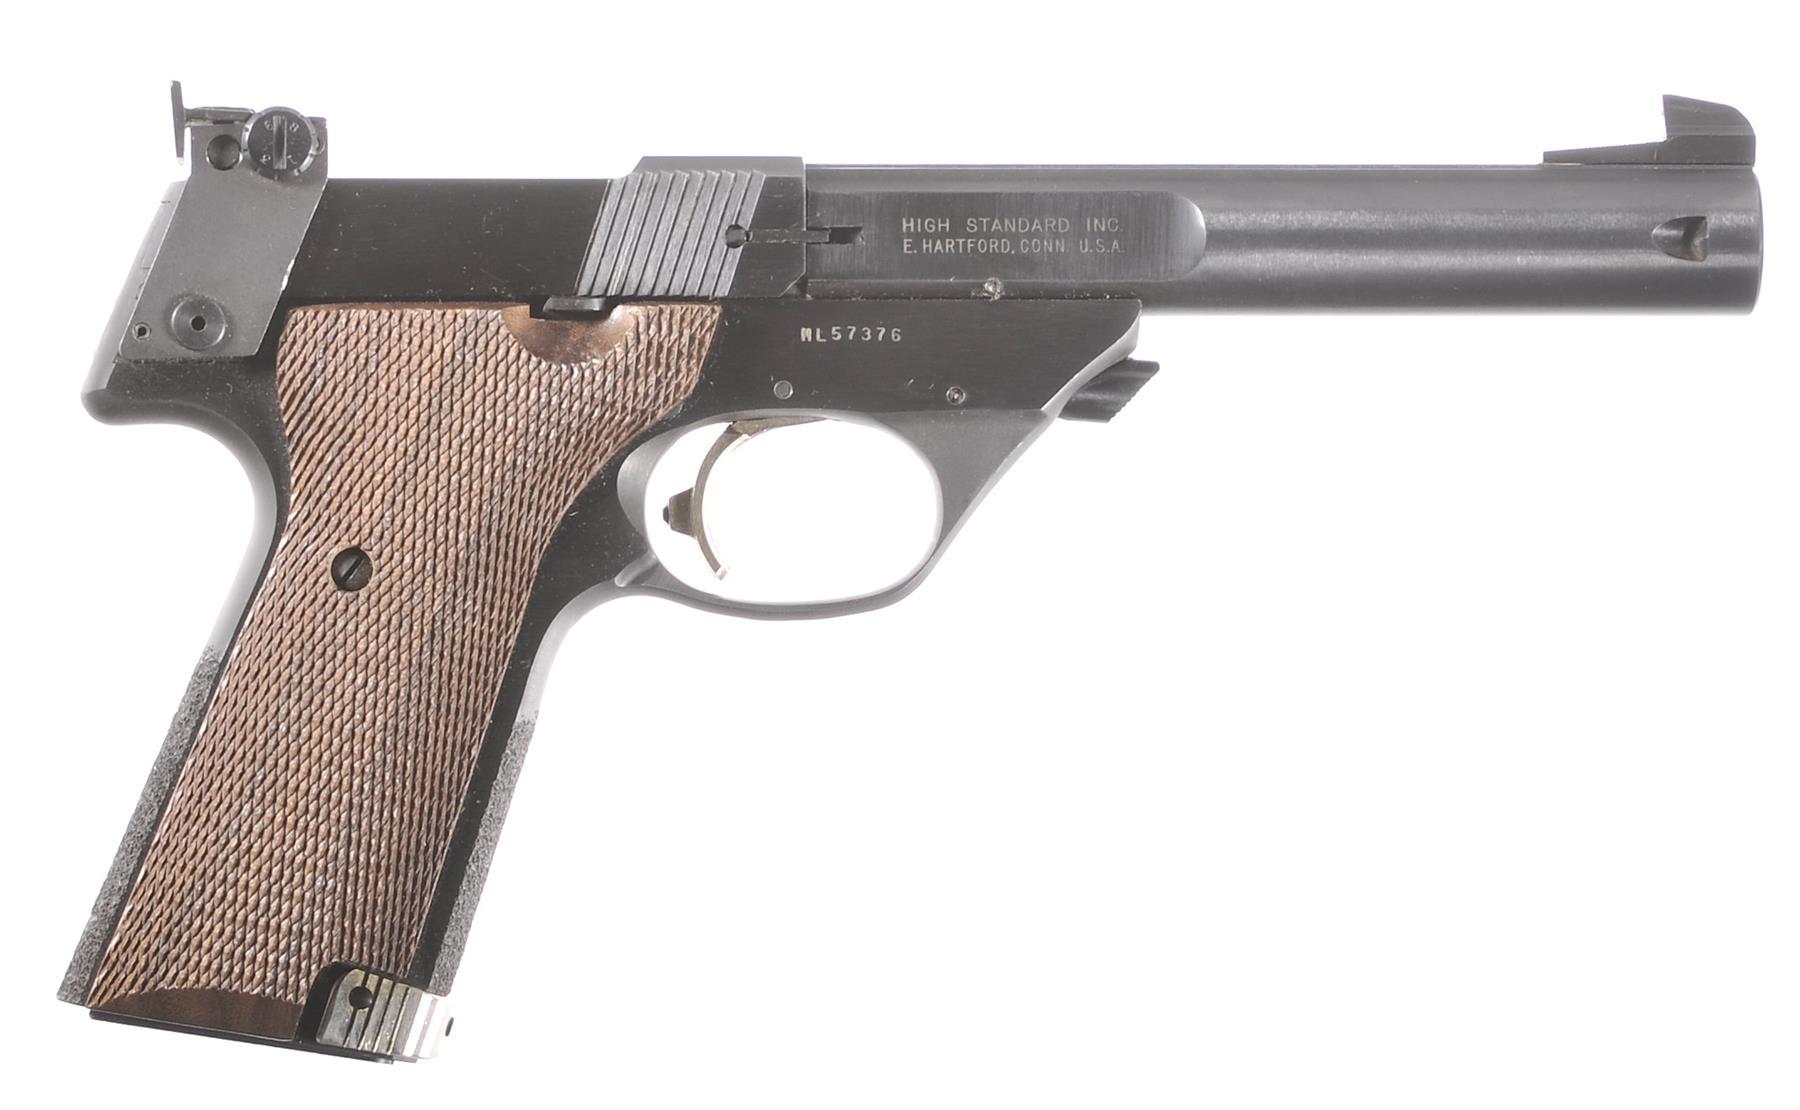 high standard supermatic pistols revivaler rh revivaler com High Standard Supermatic Tournament High Standard Supermatic Tournament